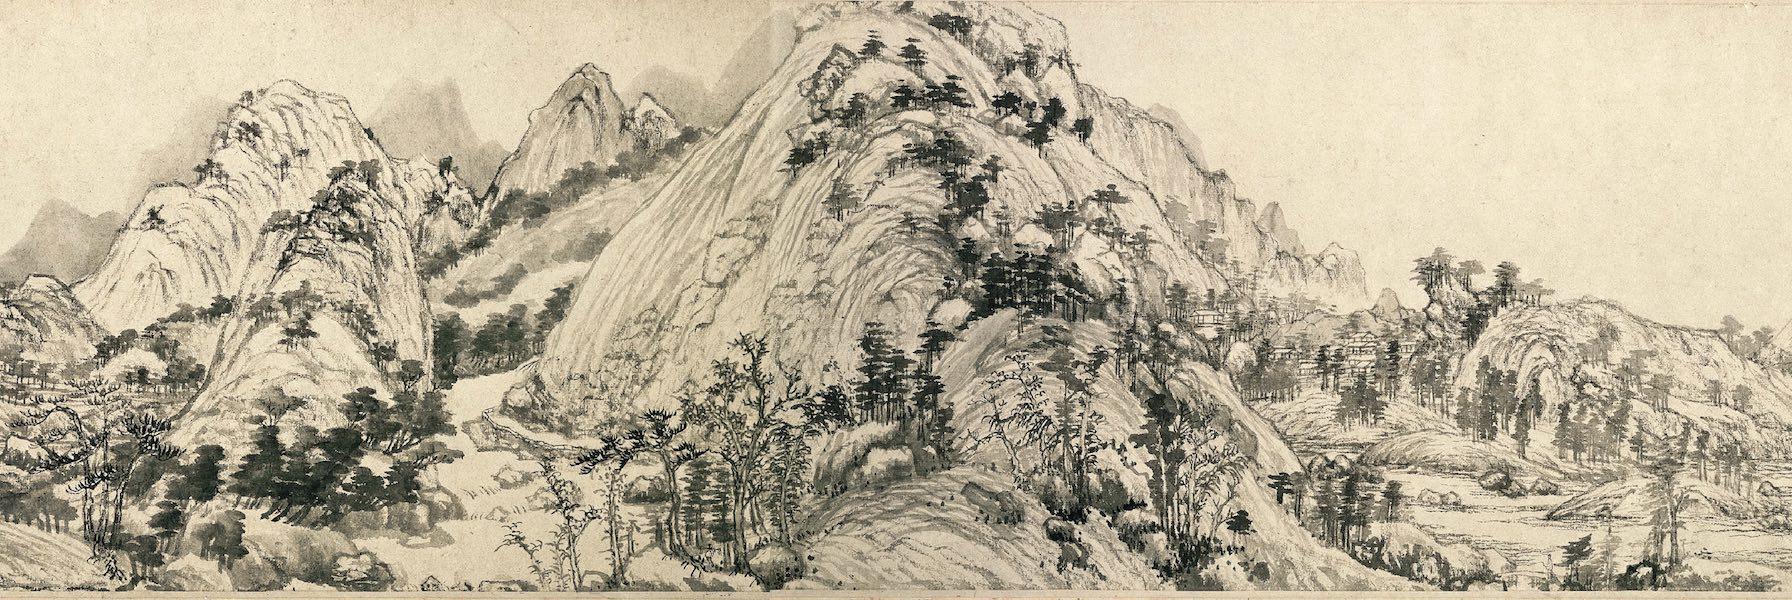 Viviendo en las montañas Fuchun